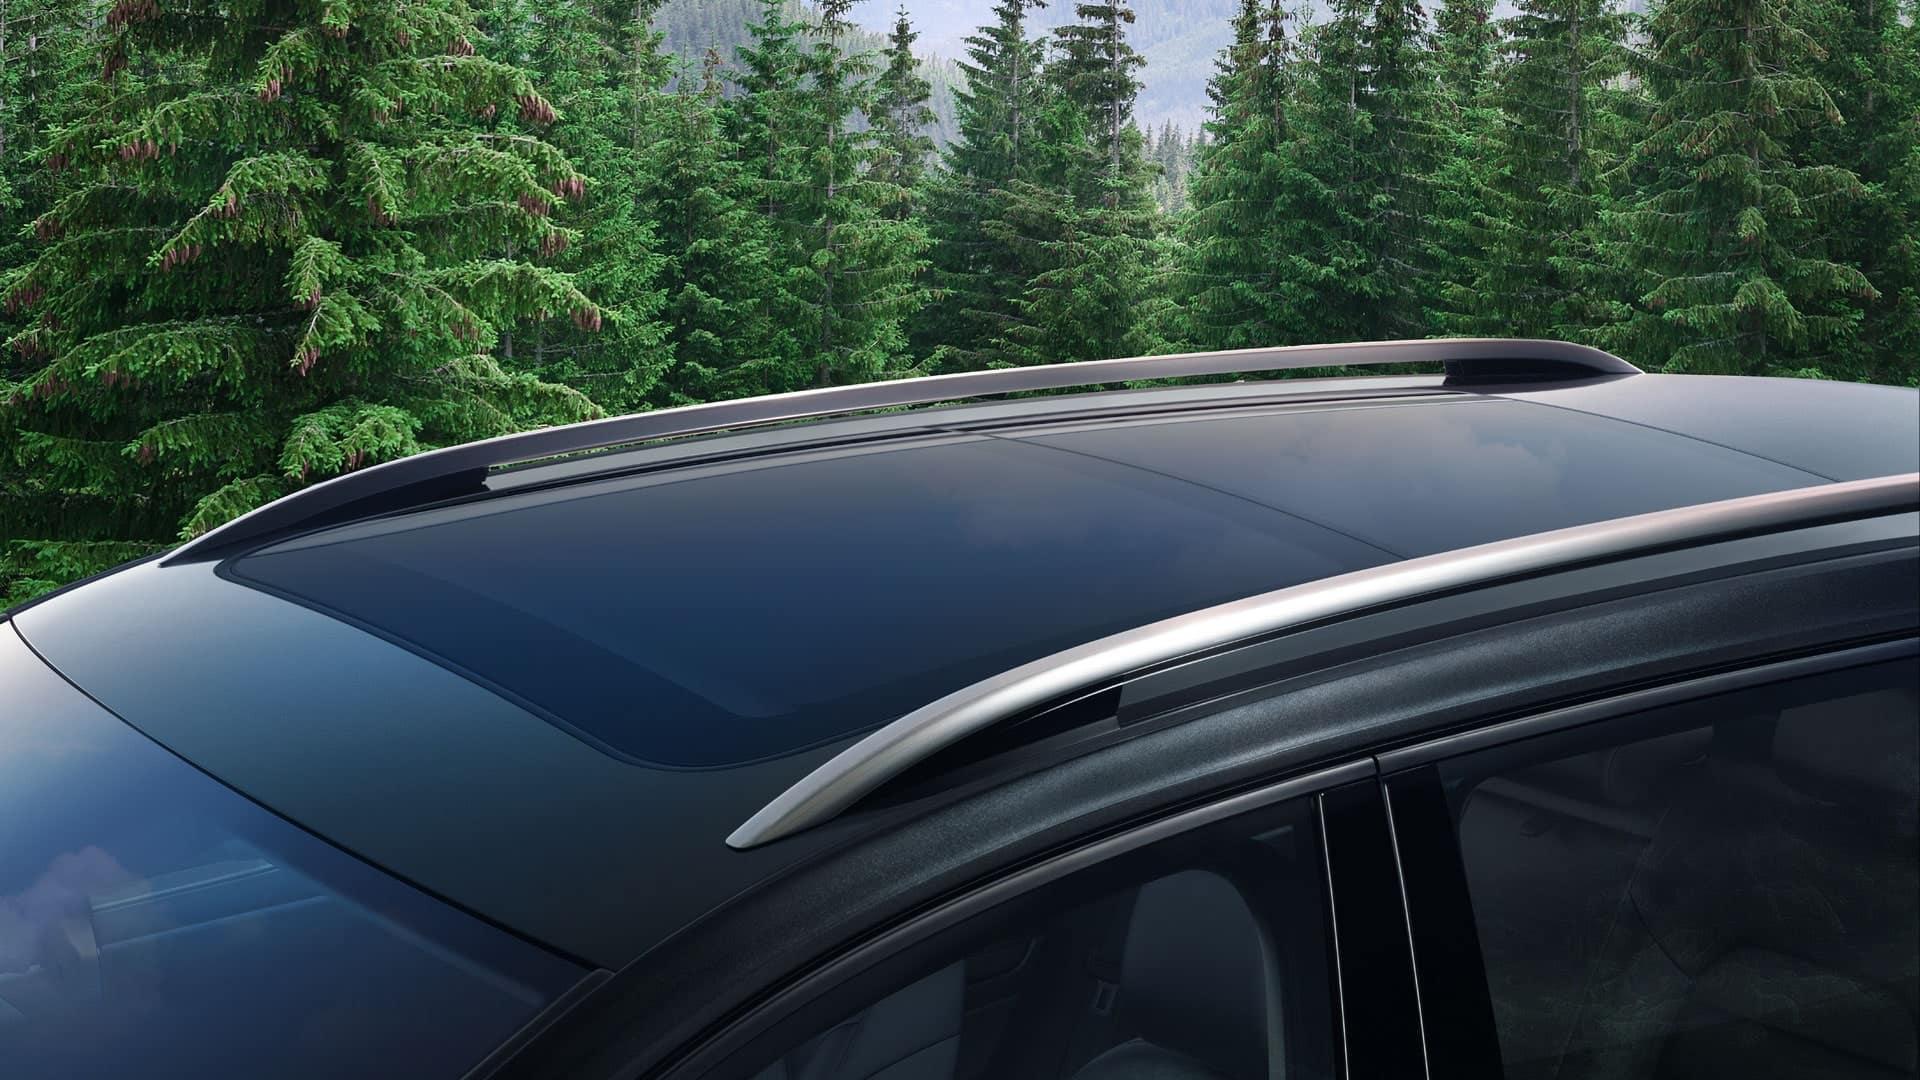 2019 VW Golf Alltrack roof rails